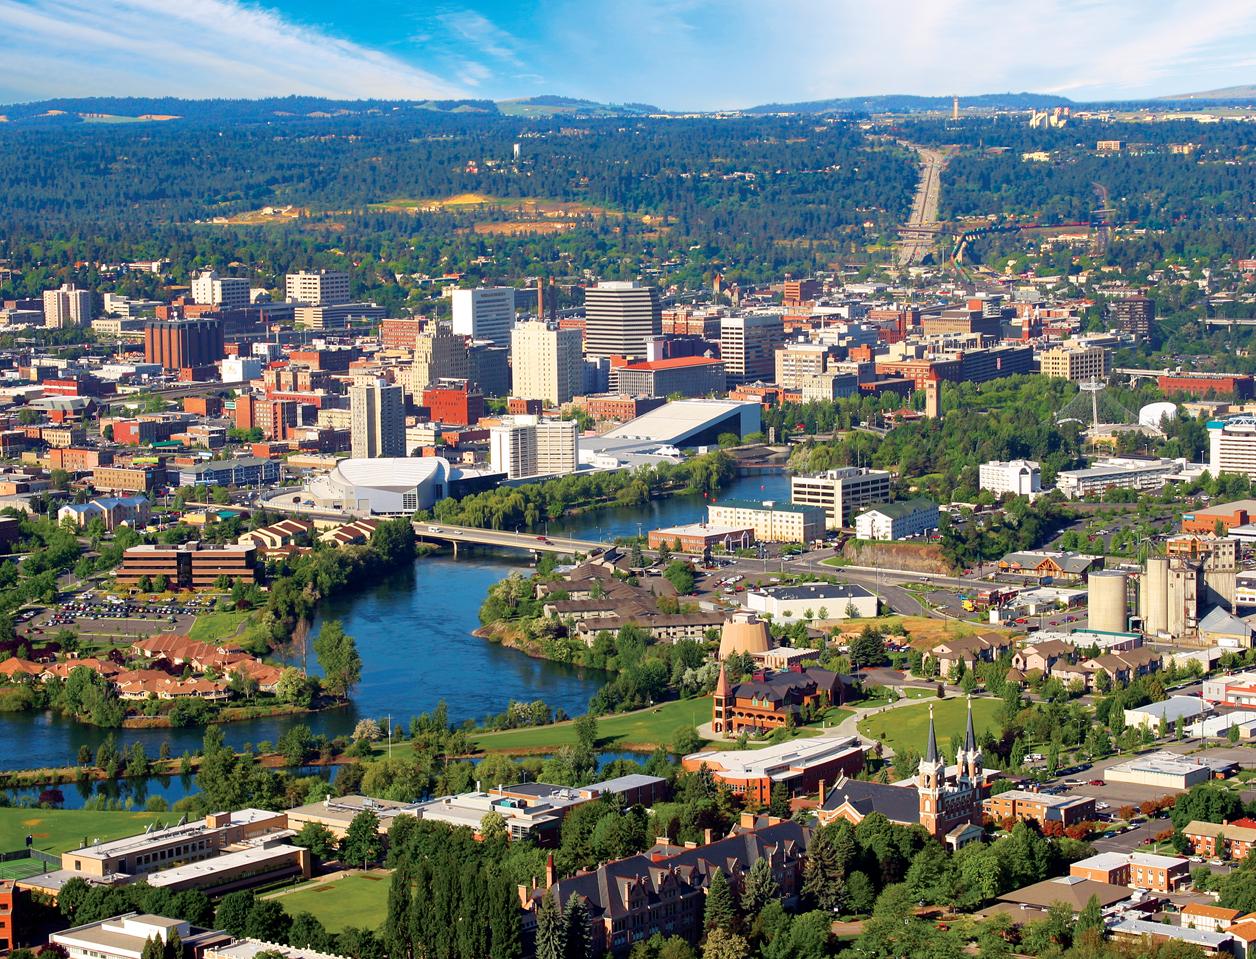 Downtown Spokane & Spokane River